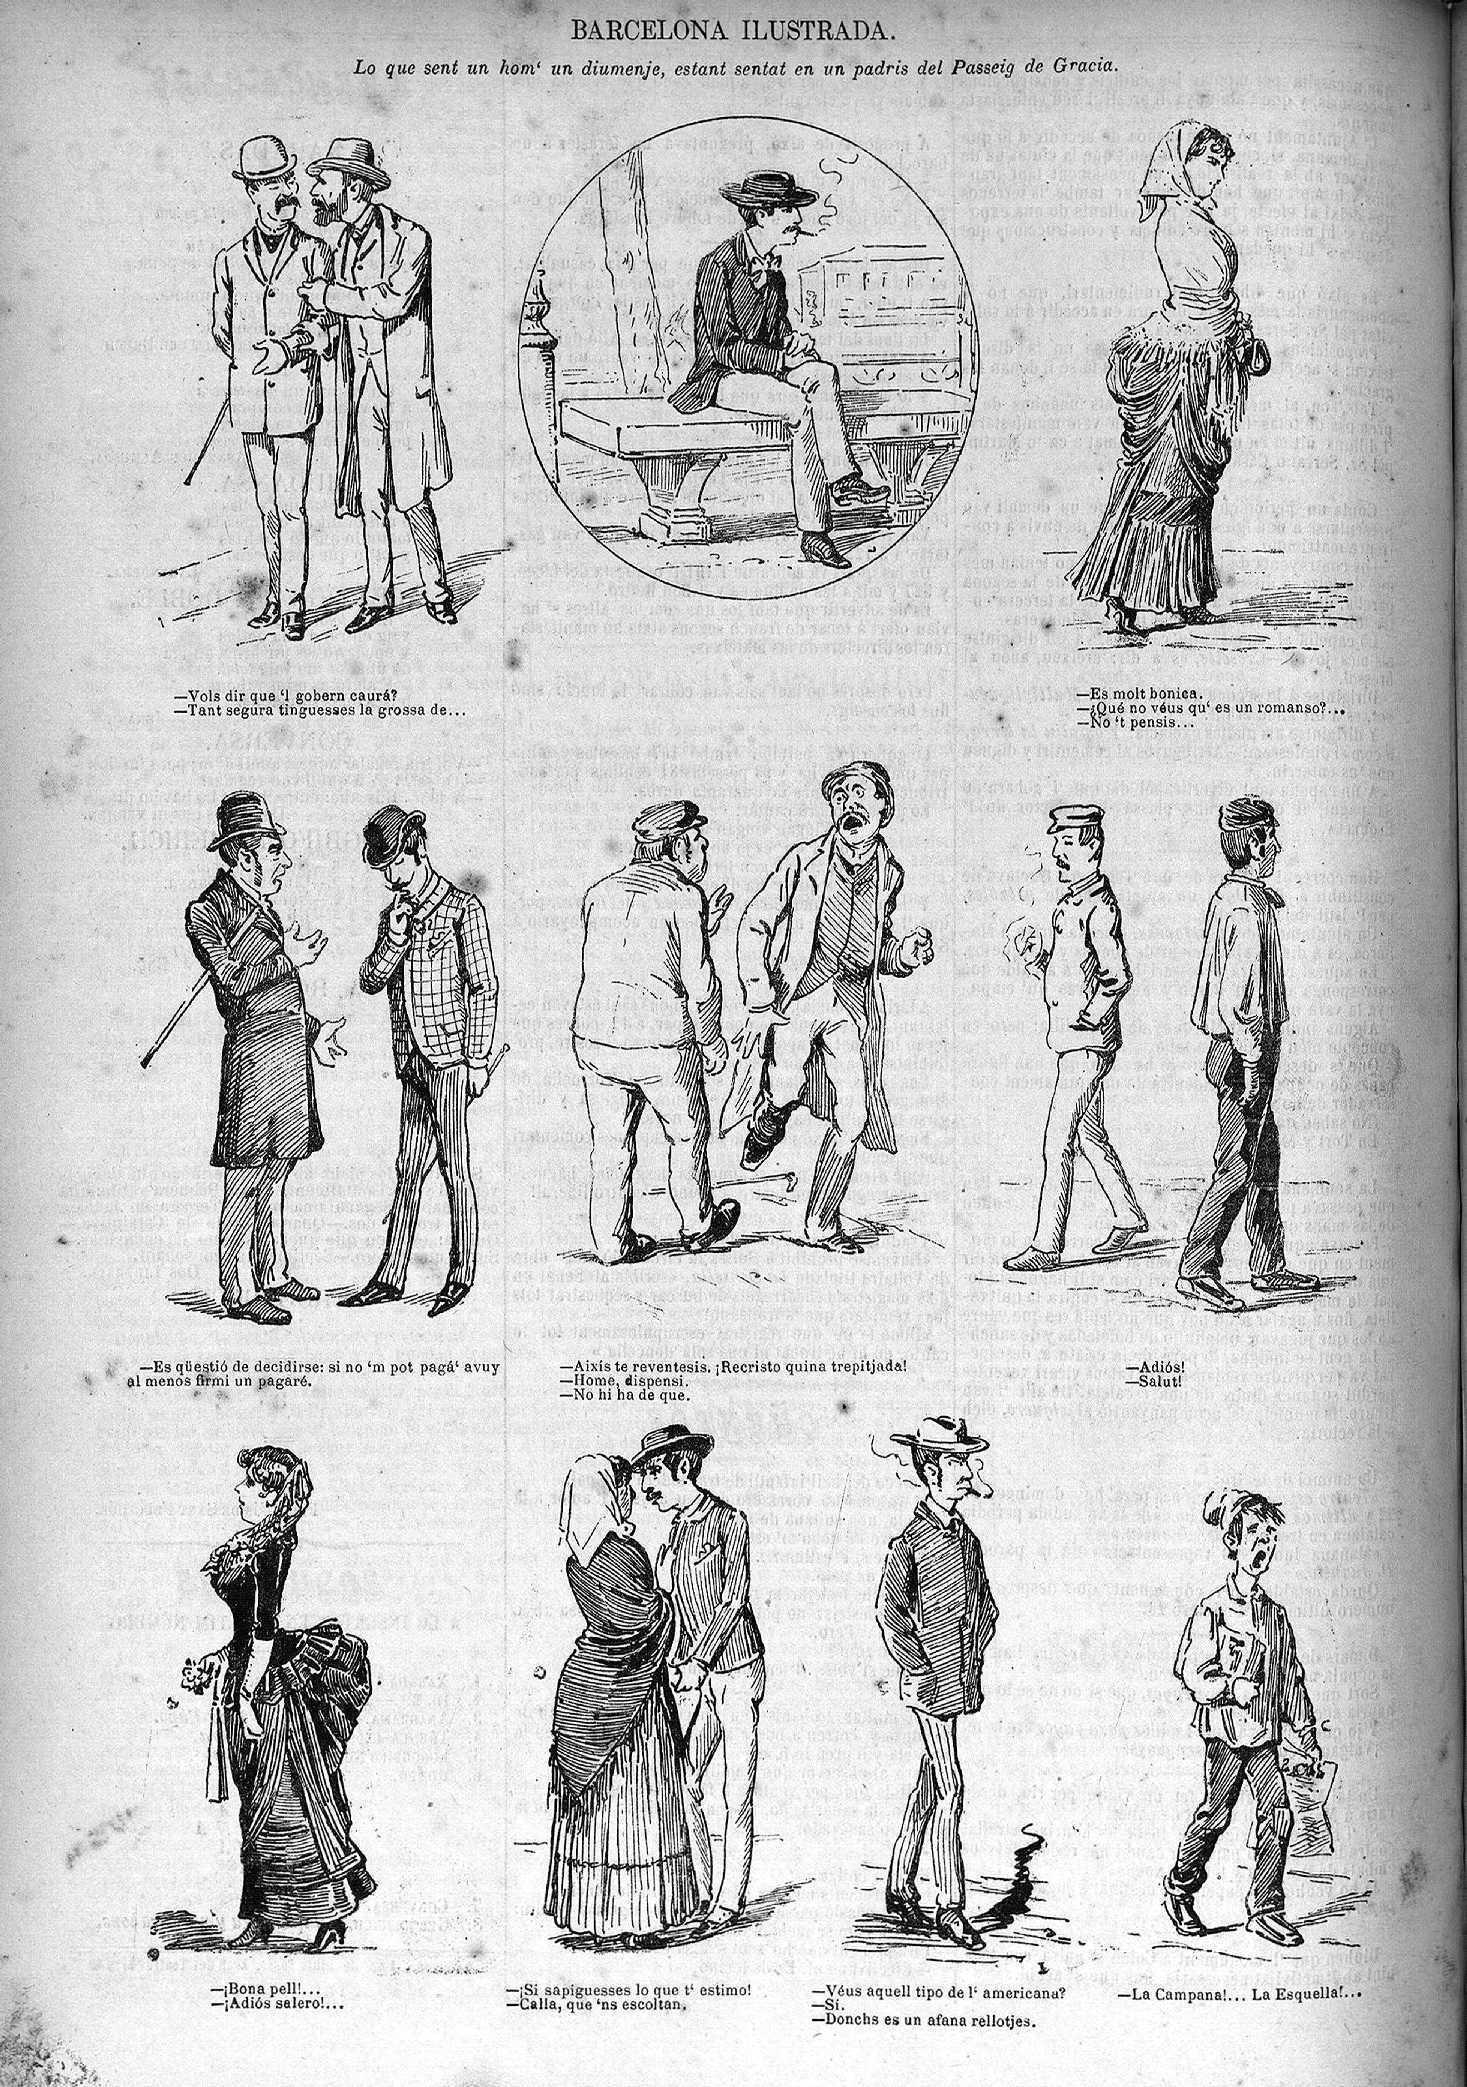 Esquella de la Torratxa, L'. Núm. 327, 18 abril 1885, pàgina 4.